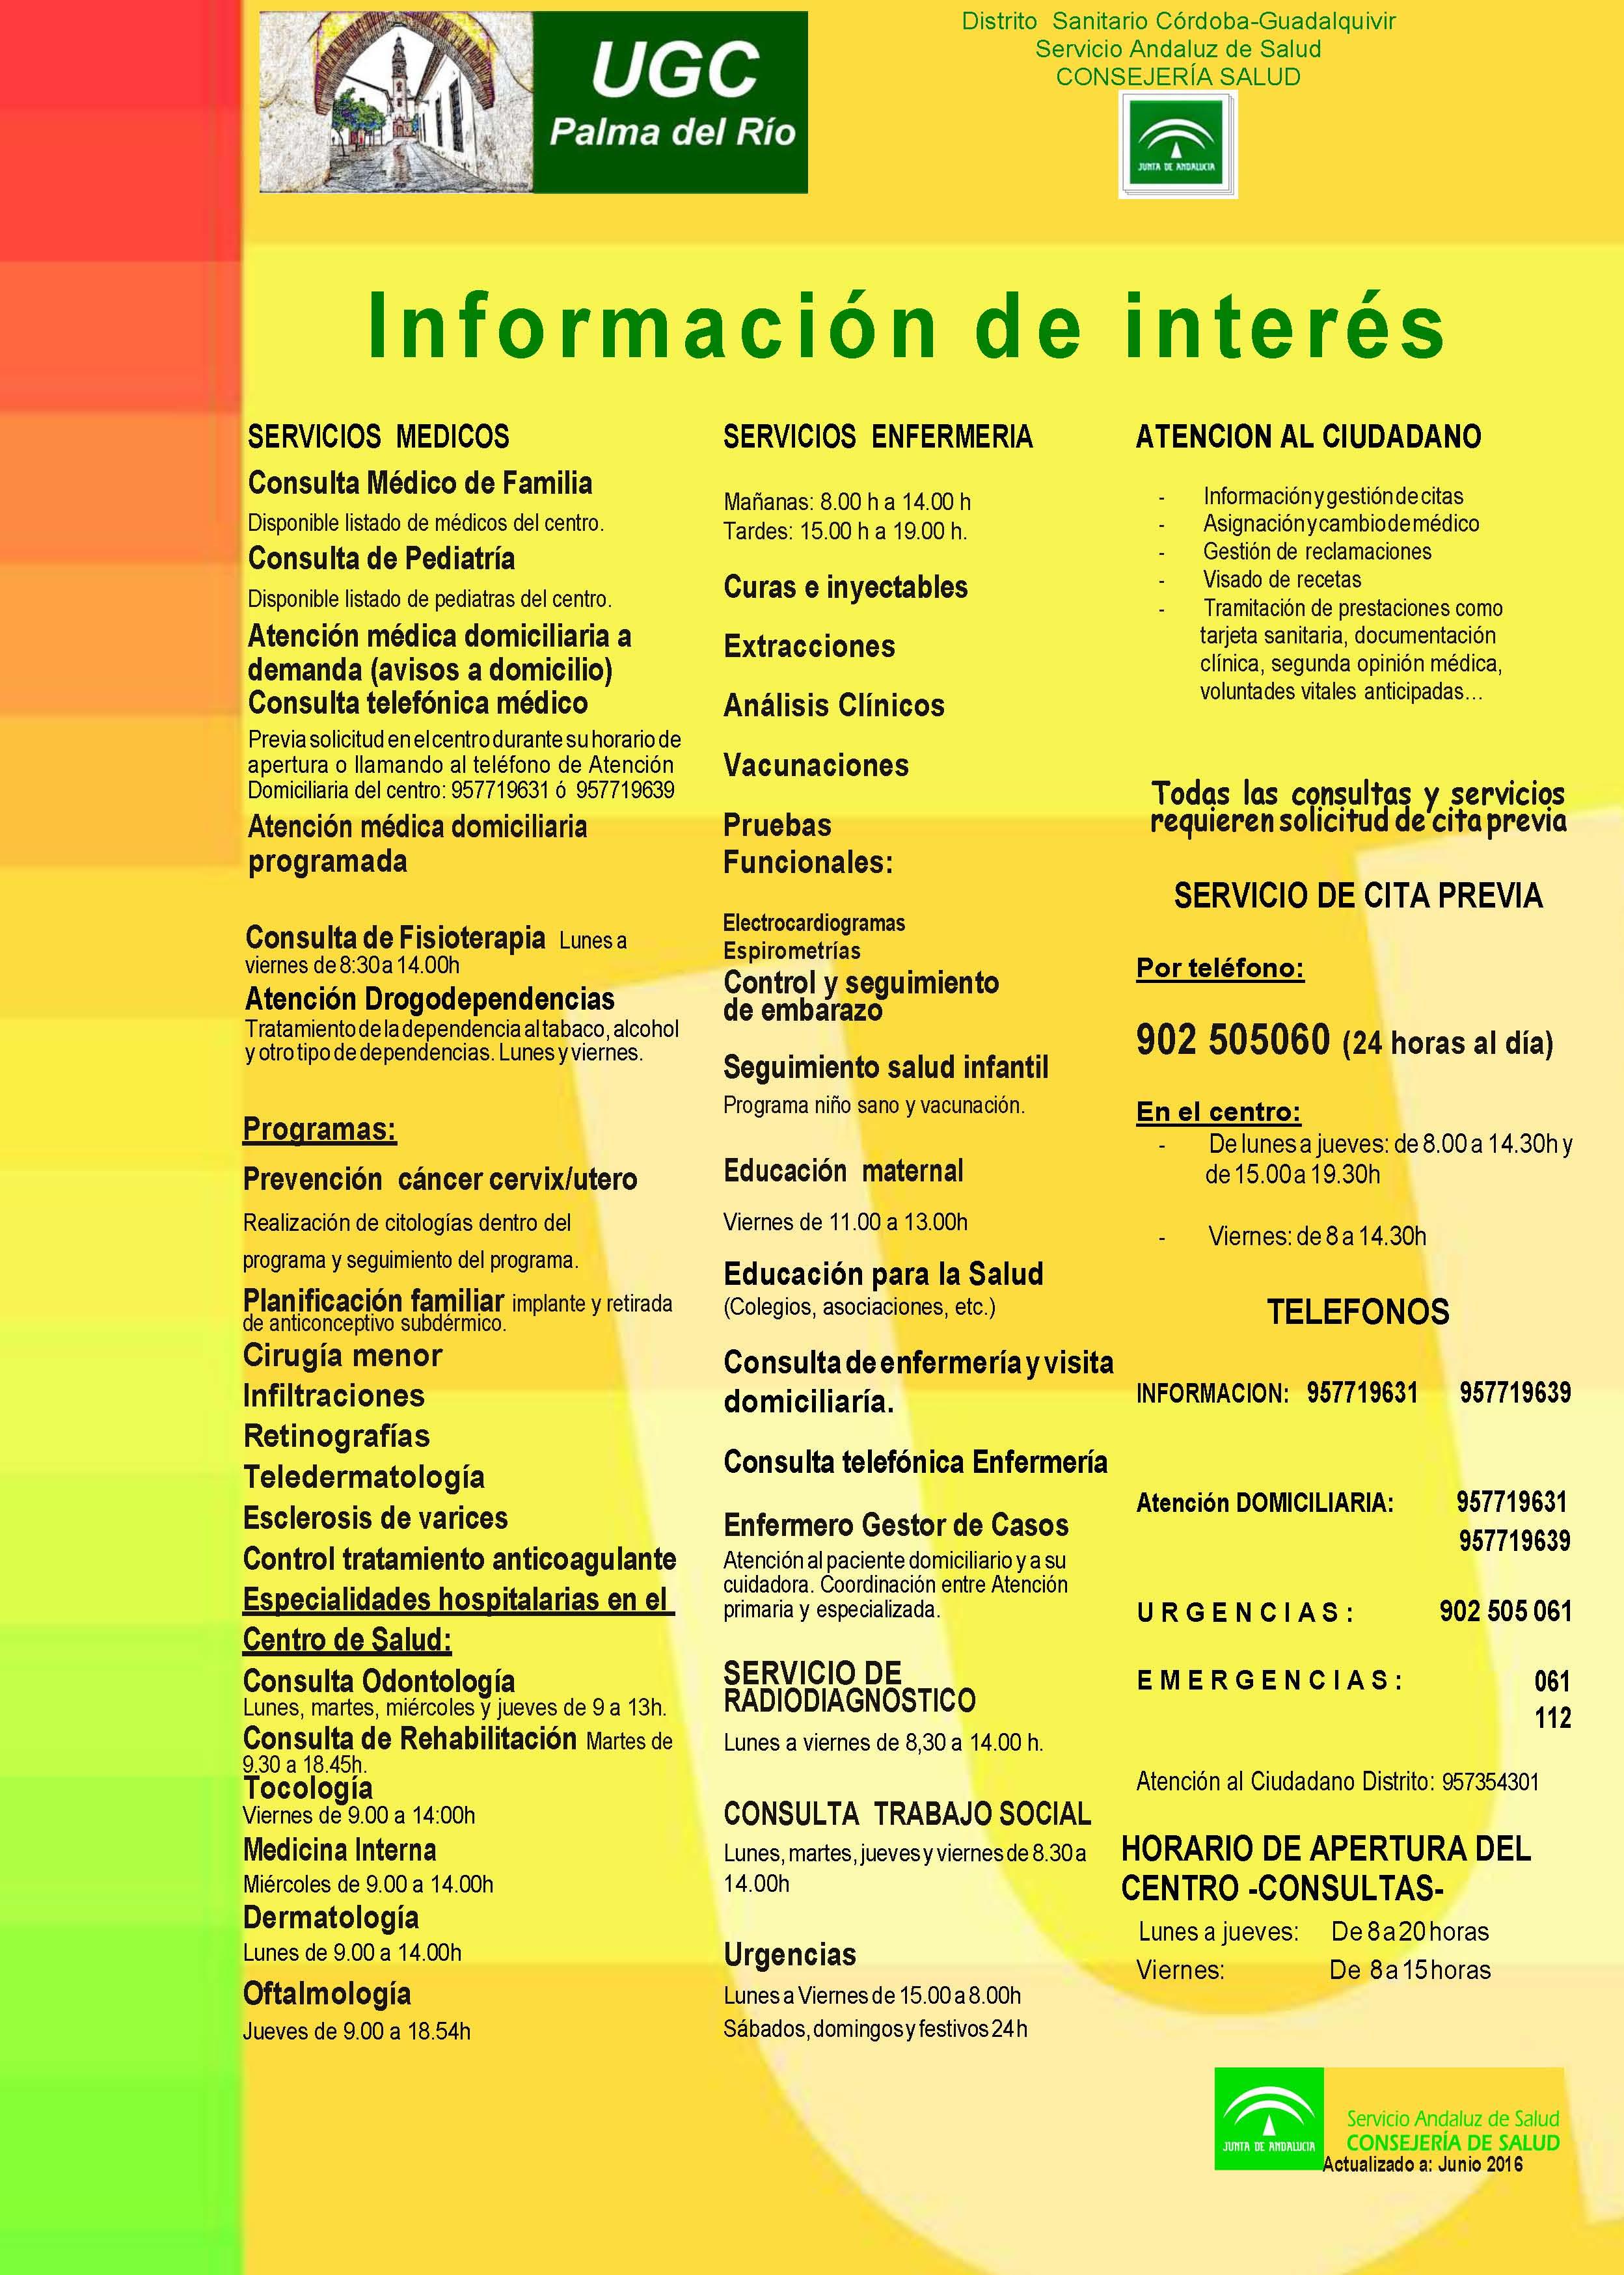 https://www.palmadelrio.es/sites/default/files/cartera_de_servicios_palma_del_rio.jpg